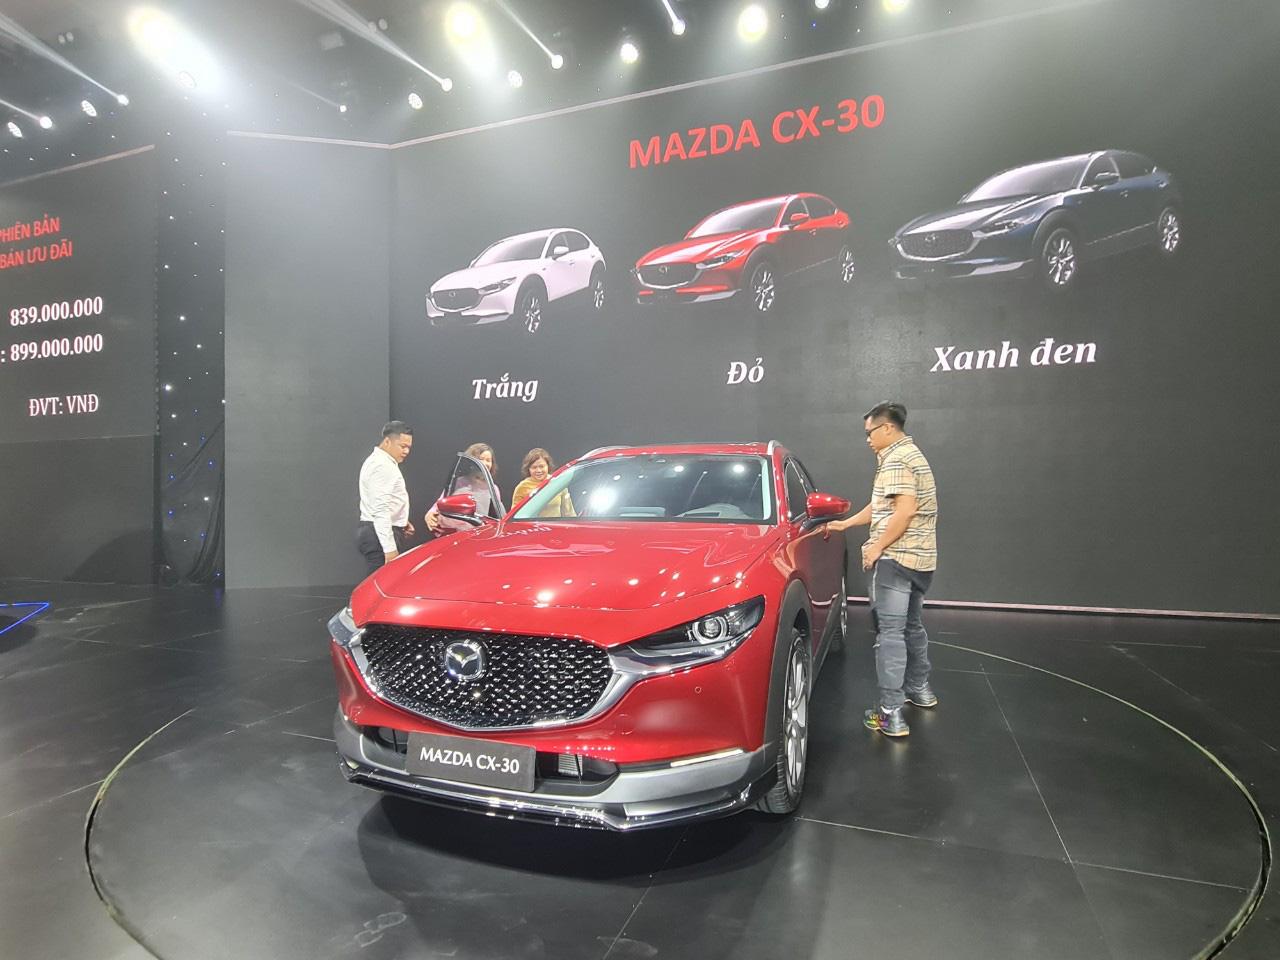 """Quảng Nam: Tỷ phú Trần Bá Dương ra dòng xe Mazda CX-30 """"thế hệ mới - đẳng cấp mới"""".   - Ảnh 1."""